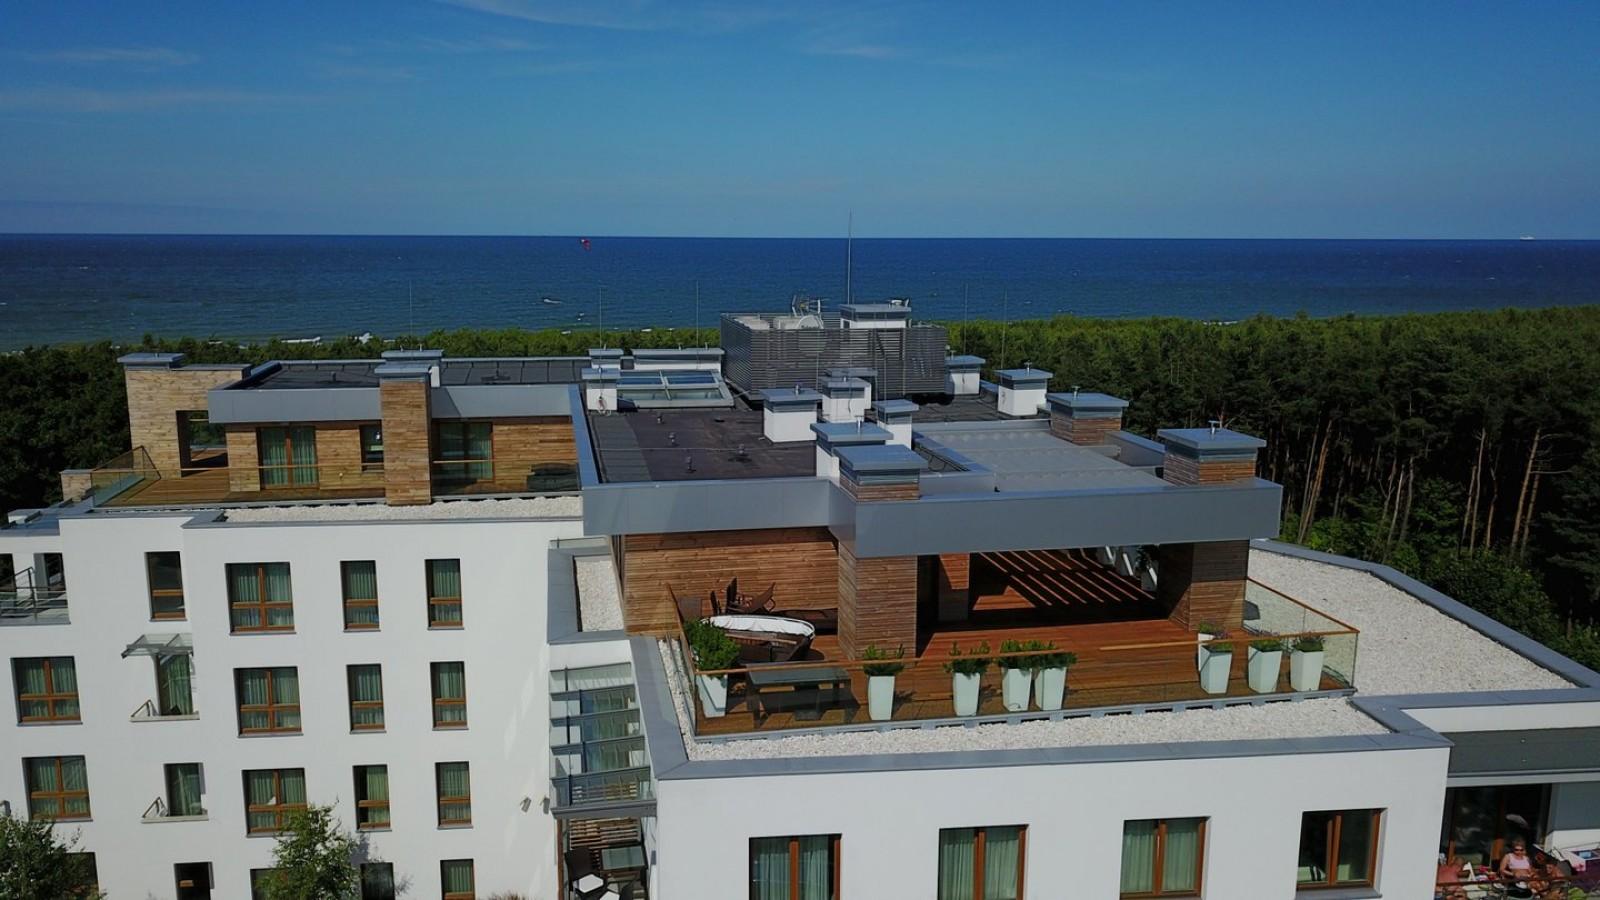 Penthouse Gwiazda Północy - zaledwie 30 metrów od plaży